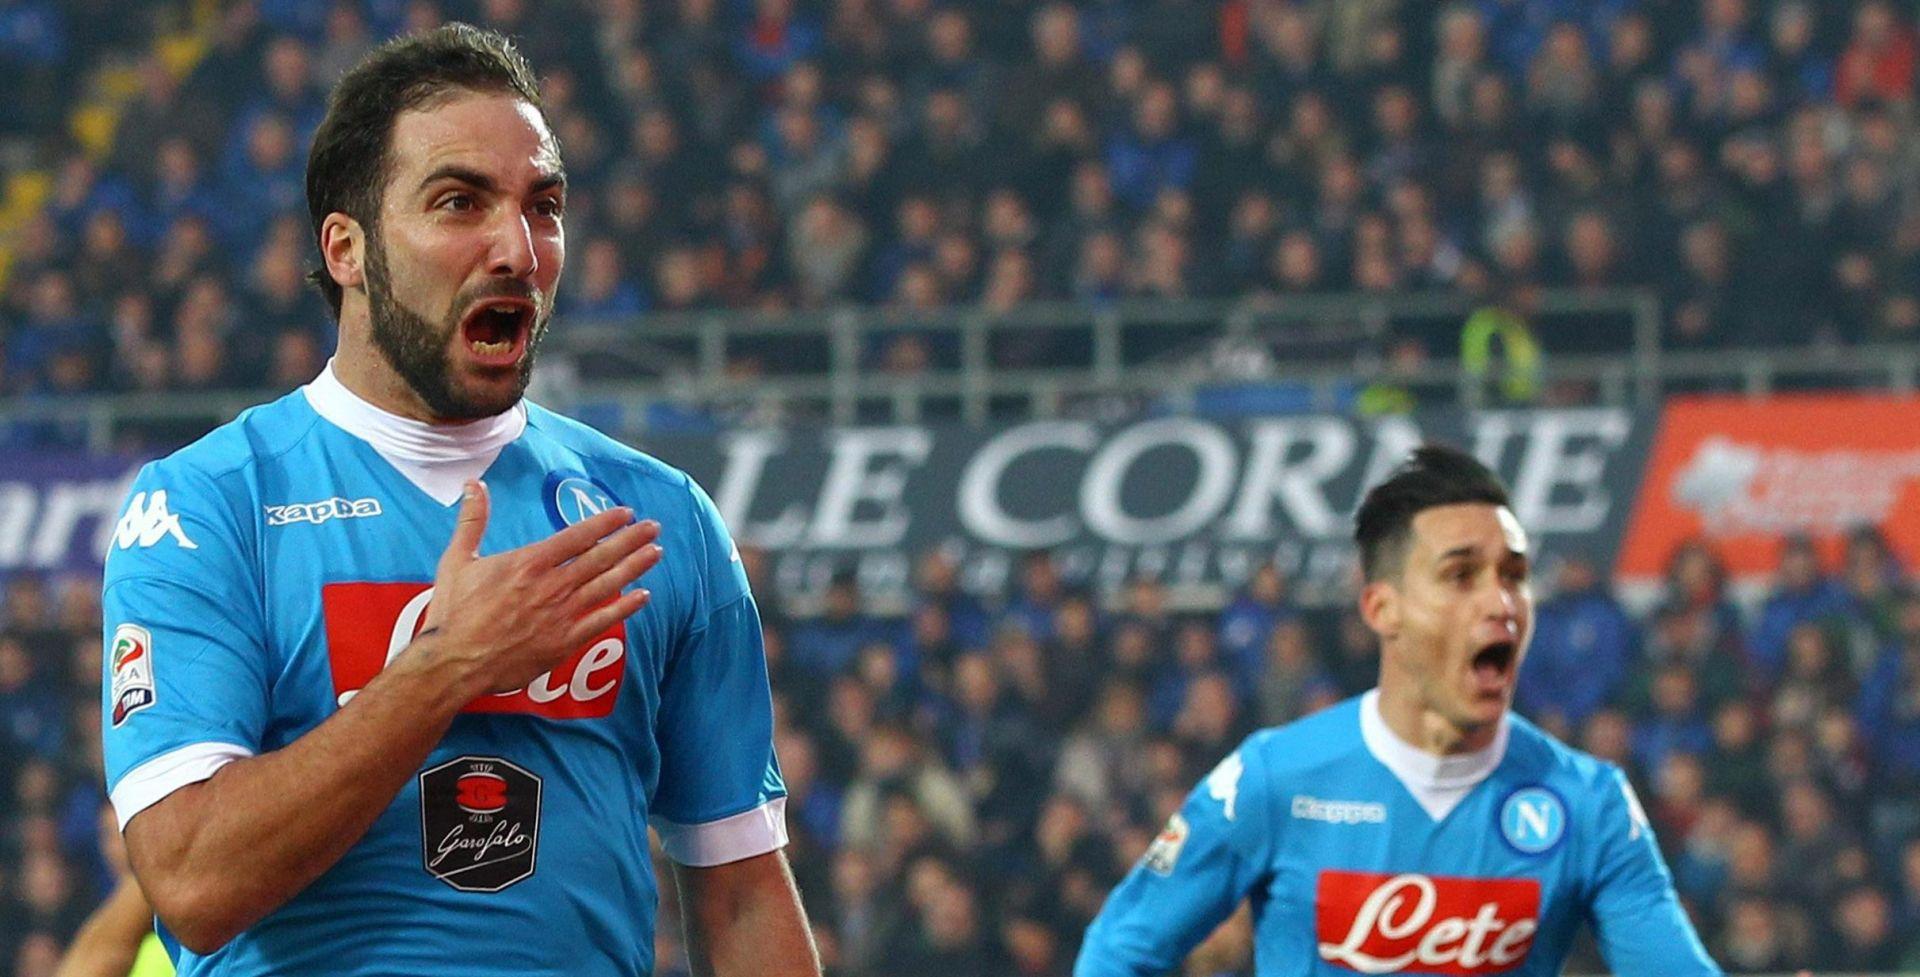 SERIE A Napoli pobjedom nad sassuolom poveća prednost na vrhu ljestvice